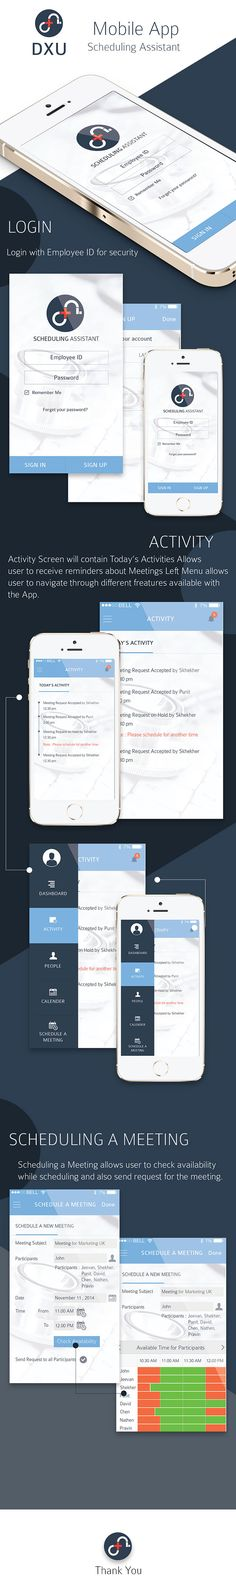 #mobileapp #design #cleandesign